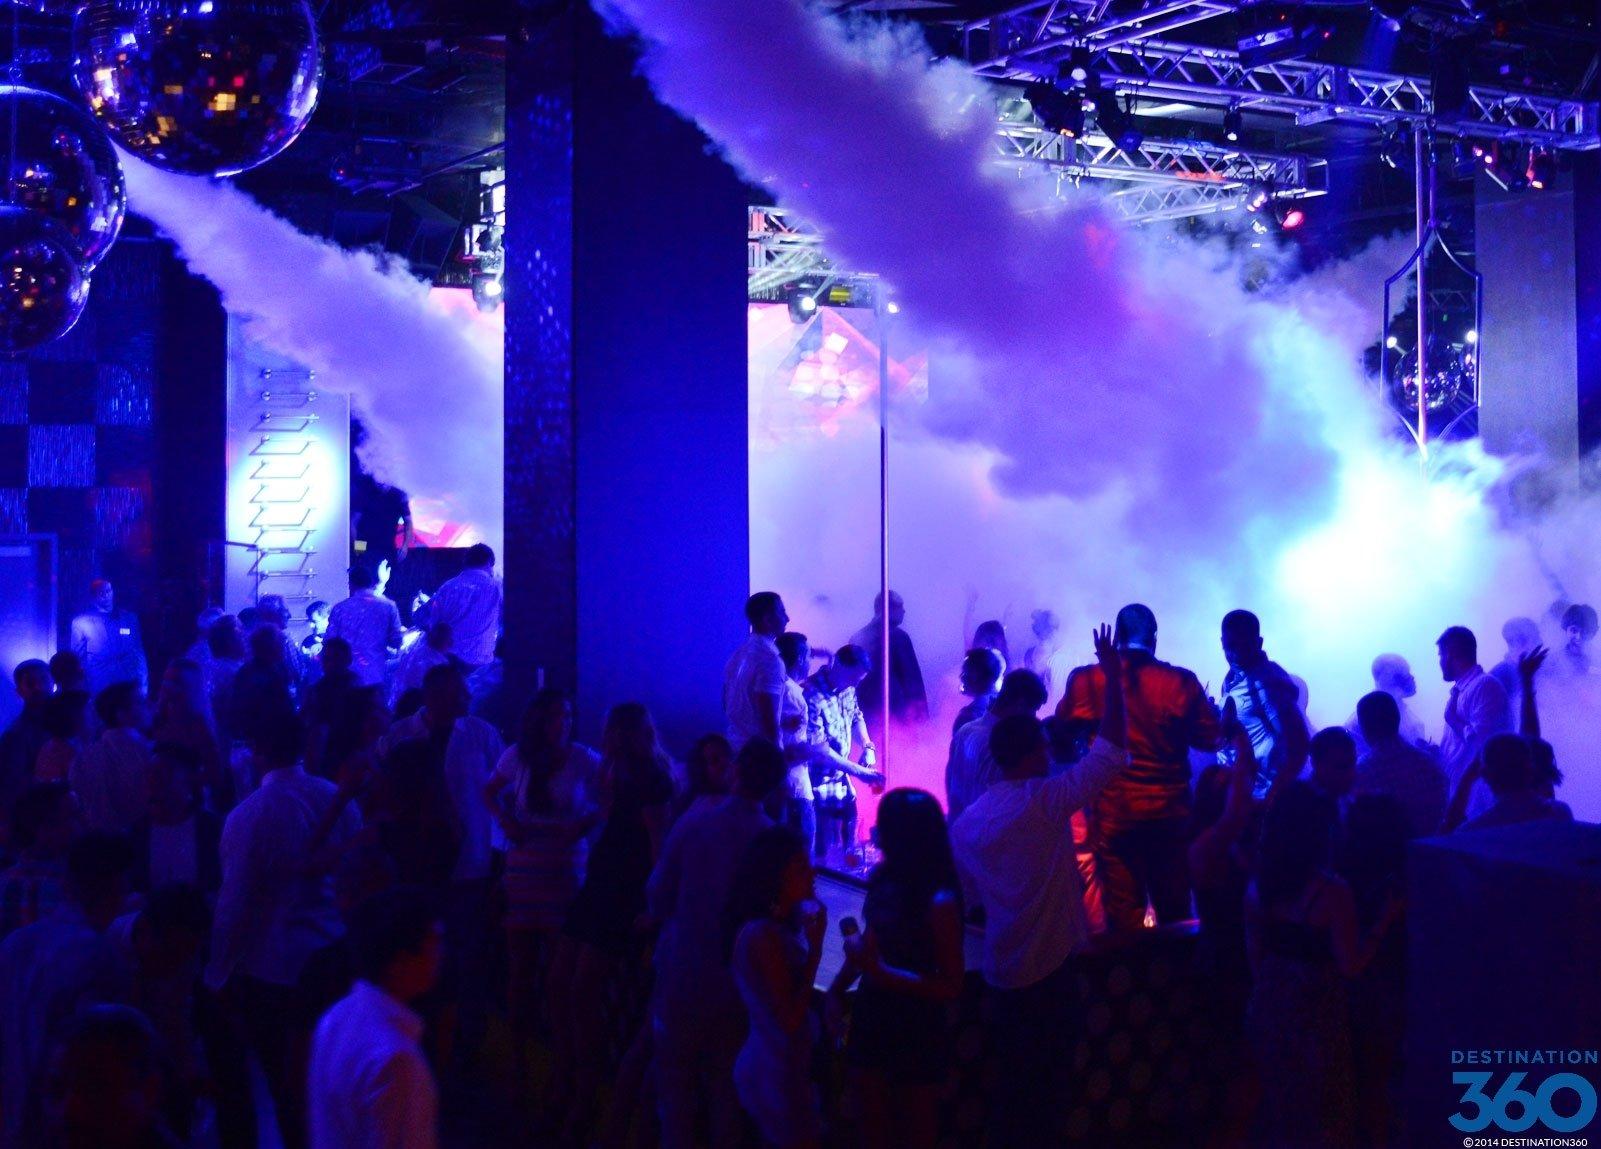 10 Unique Atlantic City Bachelorette Party Ideas bachelorette parties in atlantic city atlantic city bachelorette 2020